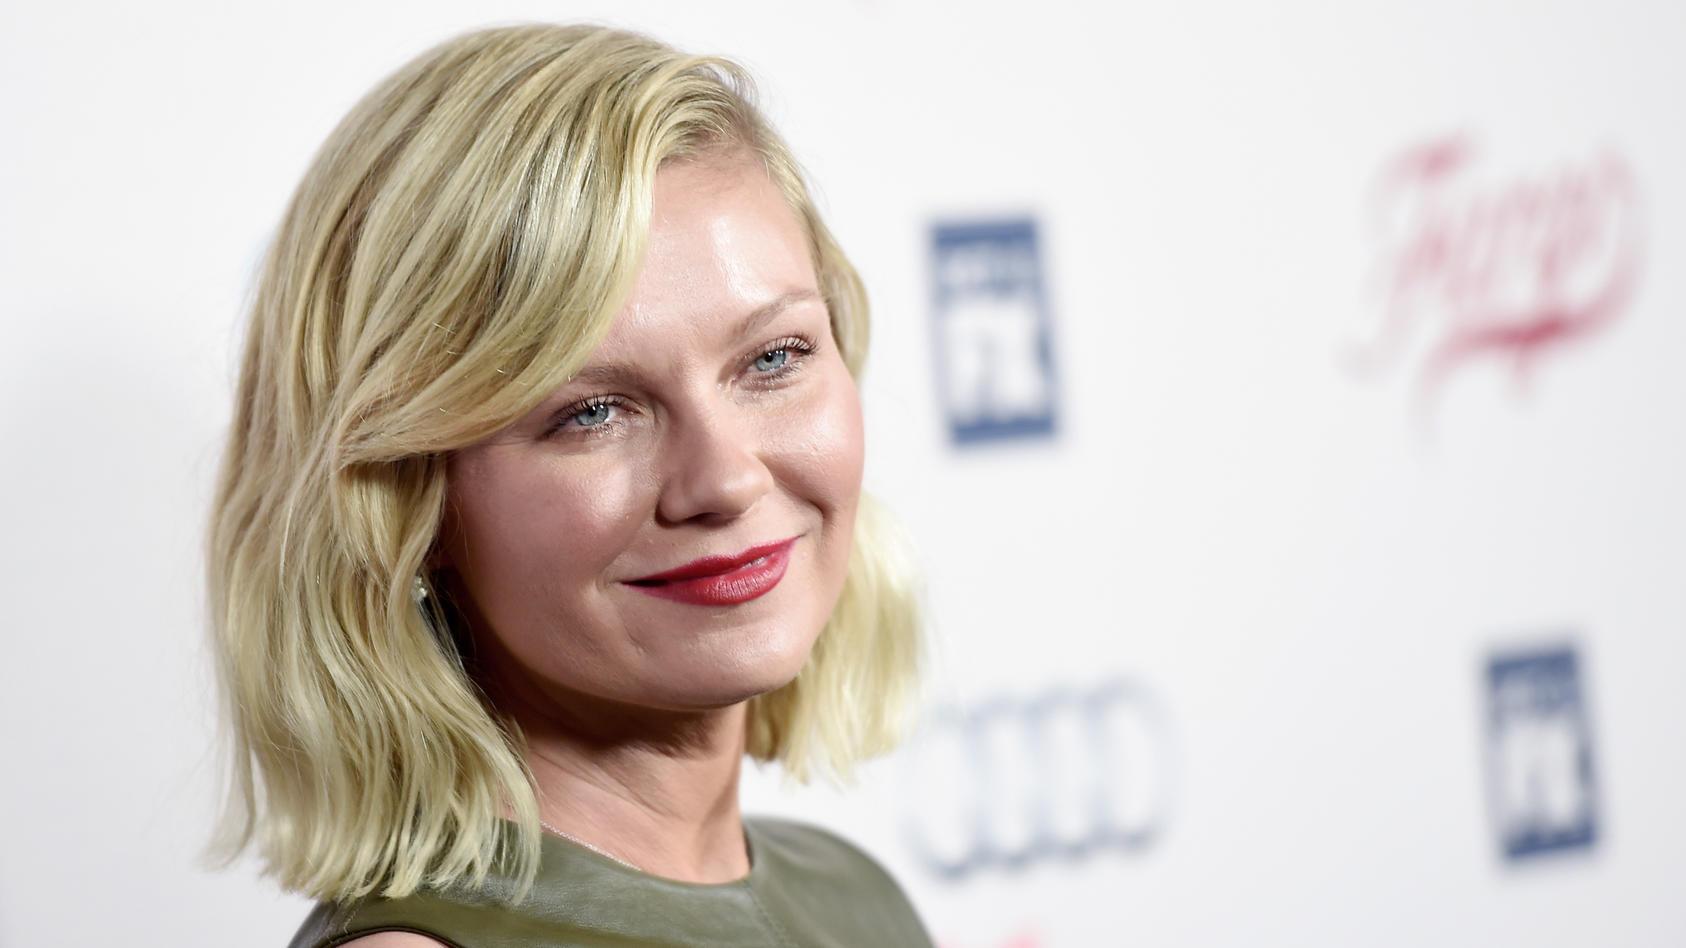 Kirsten Dunst erwartet bald ihr zweites Kind.